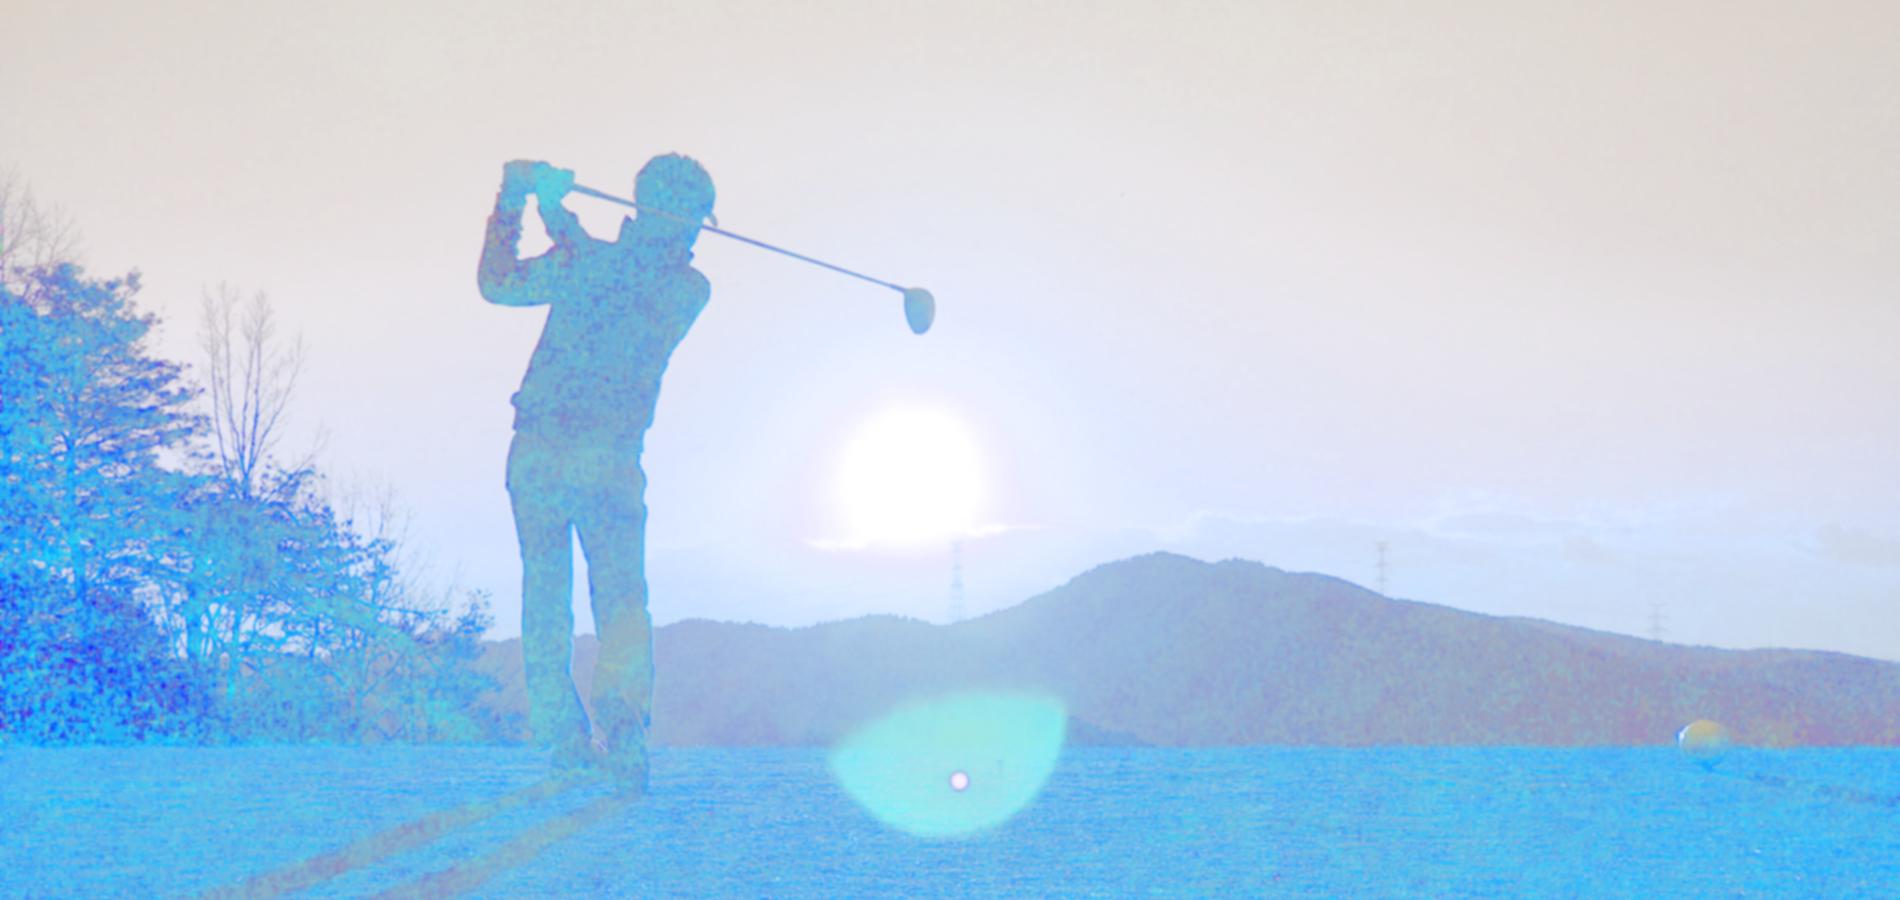 ゴルフ パーソナルコンディショニングでプレイが変わる バランスケアで体幹リセット